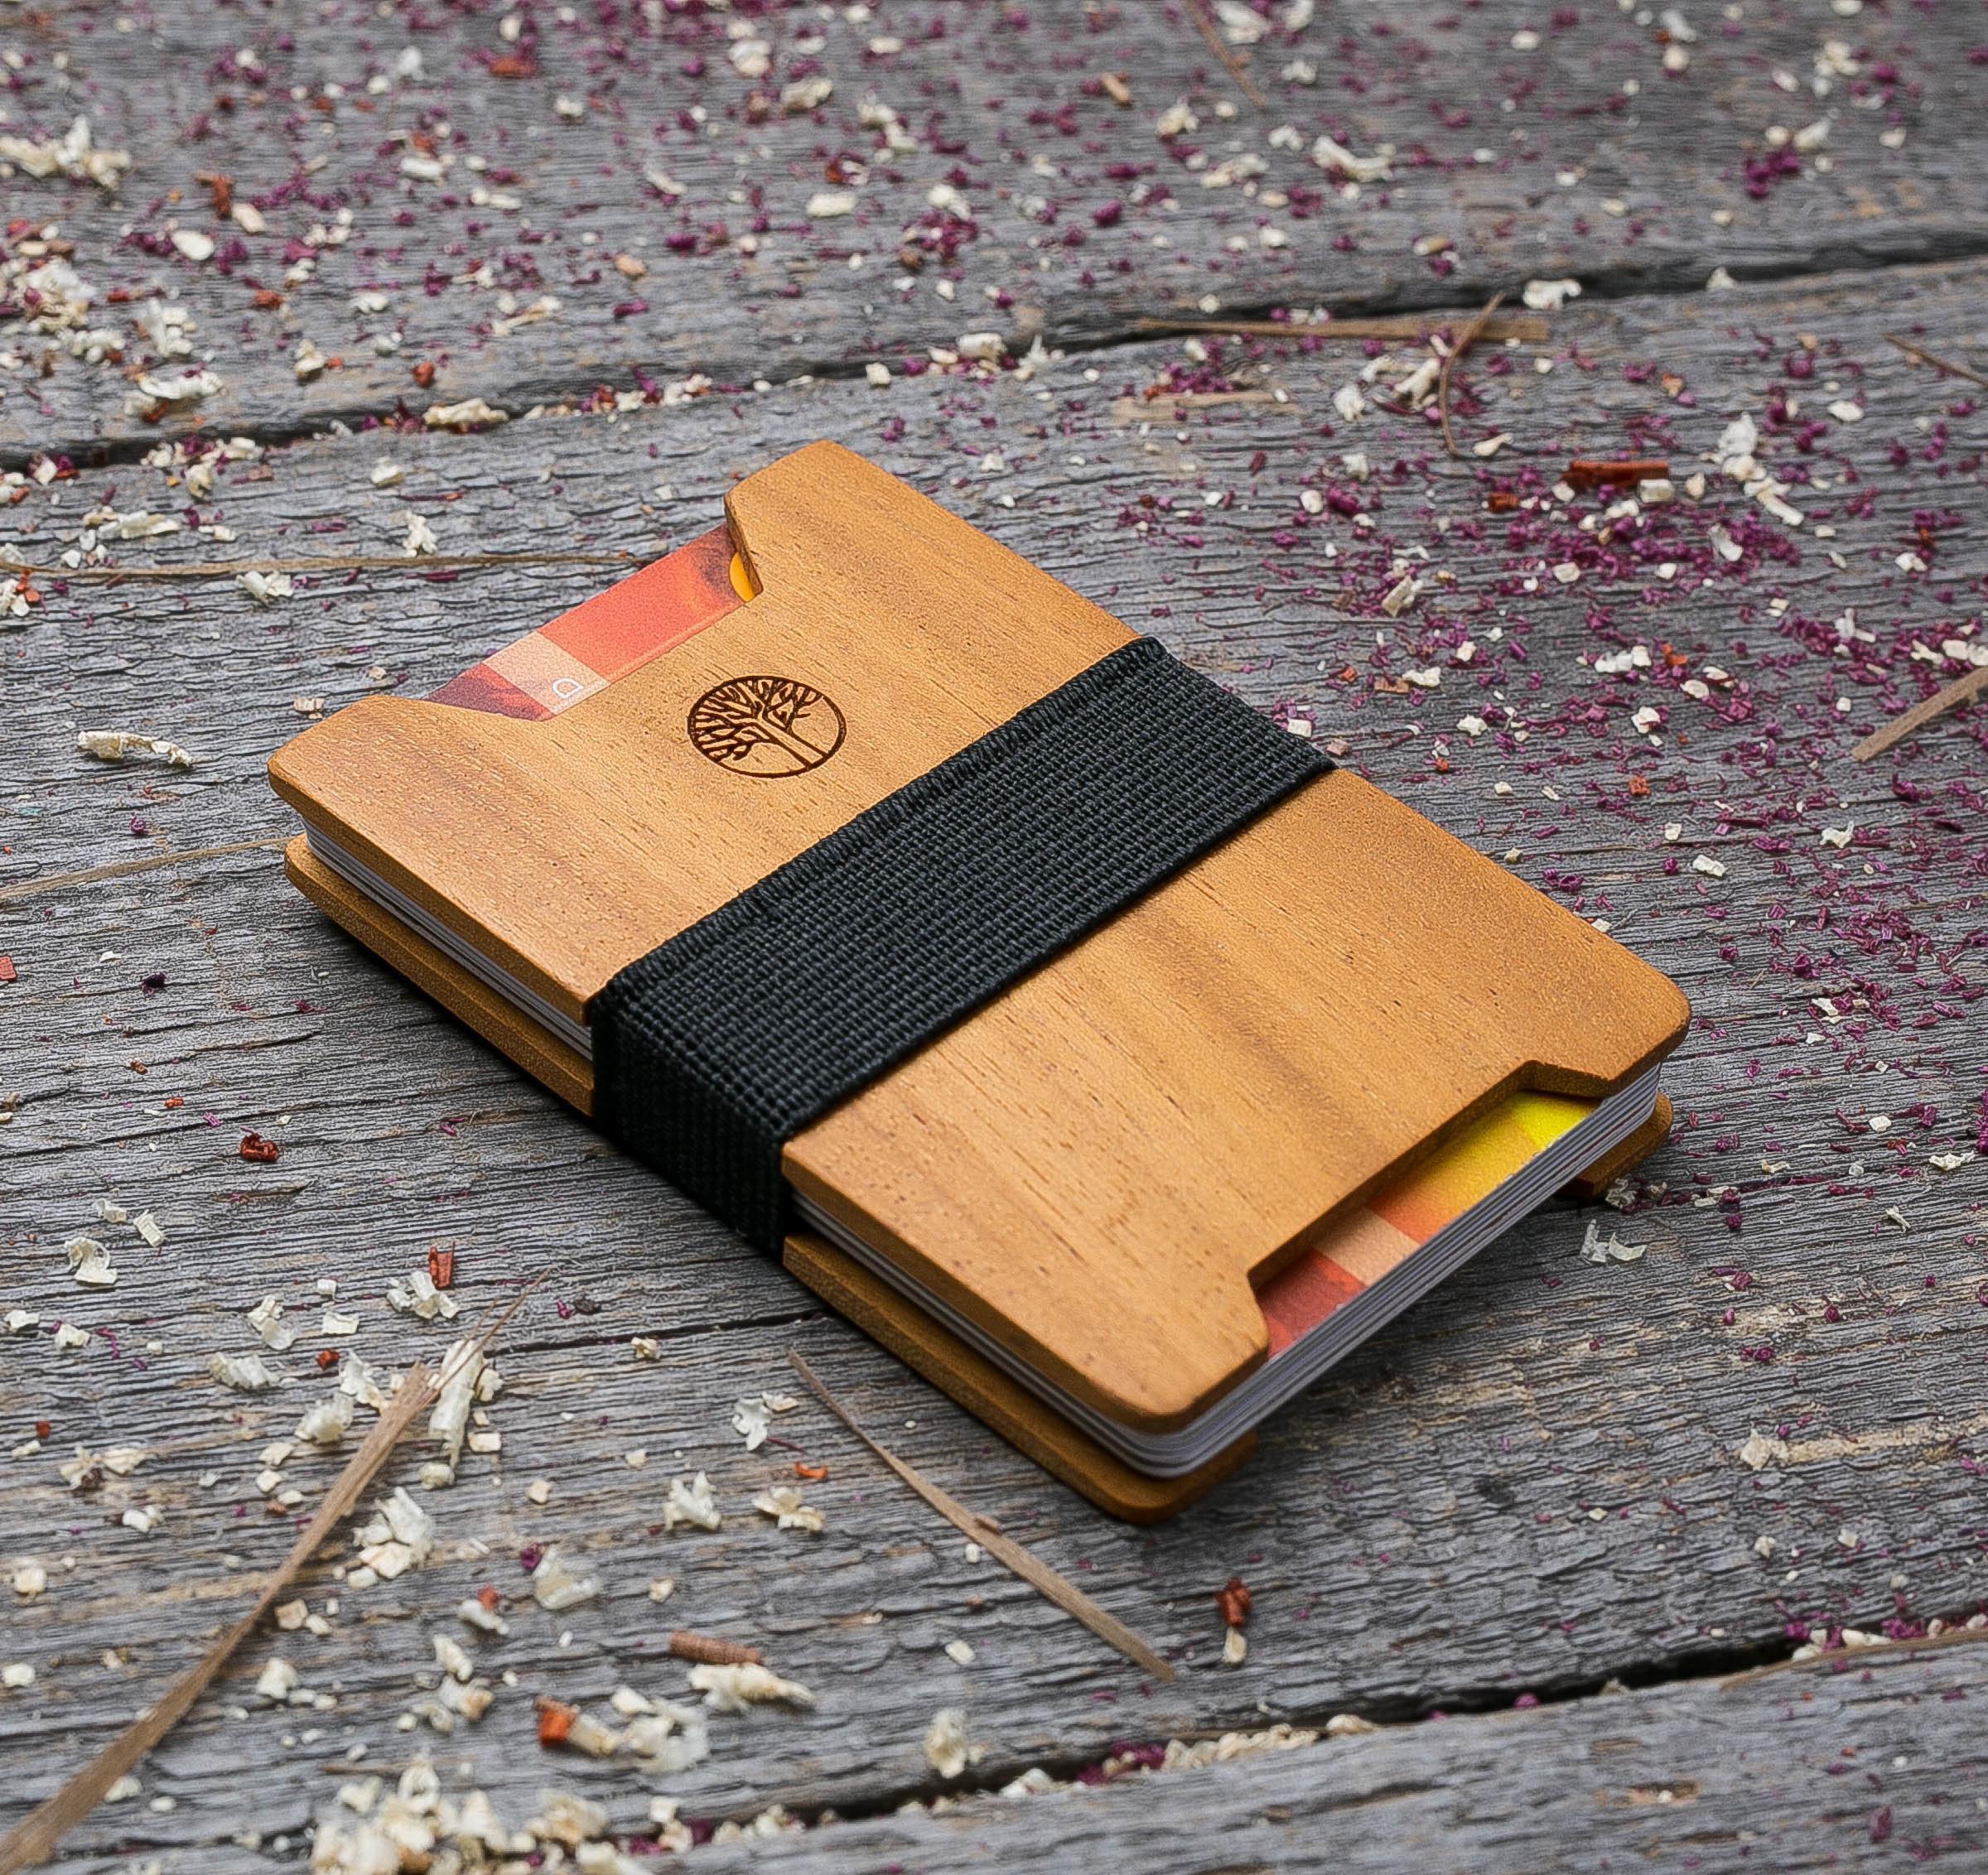 Мини кошелек-кардхолдер из дерева. Массив кусии. Для 1-15 пластиковых карт и купюр. Подарок другу или бизнес партнеру, именной кошелек. Гравировка имени или логотипа + открытка из дерева TwinsMiniWallet-KusiaV